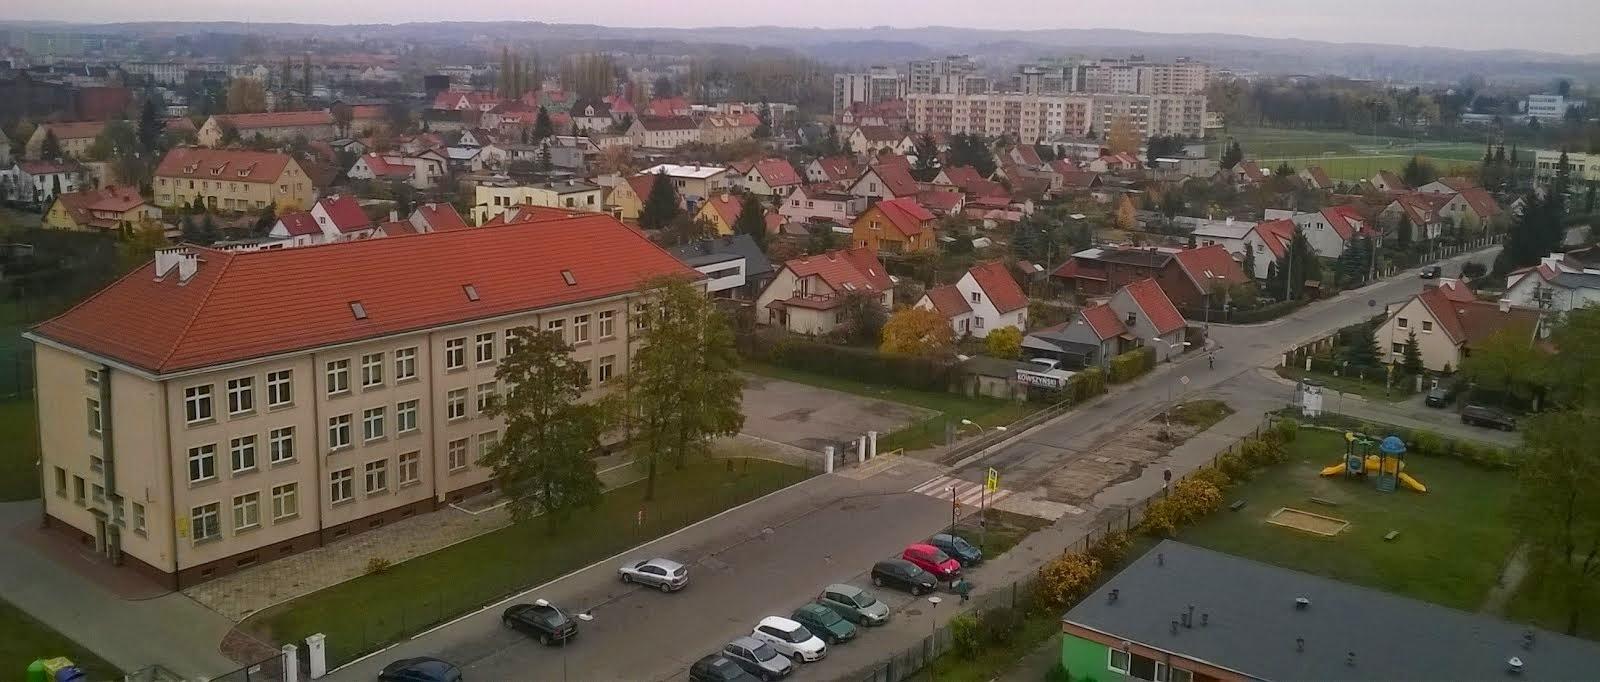 Elbląskie Zatorze - www.zatorzanie.pl